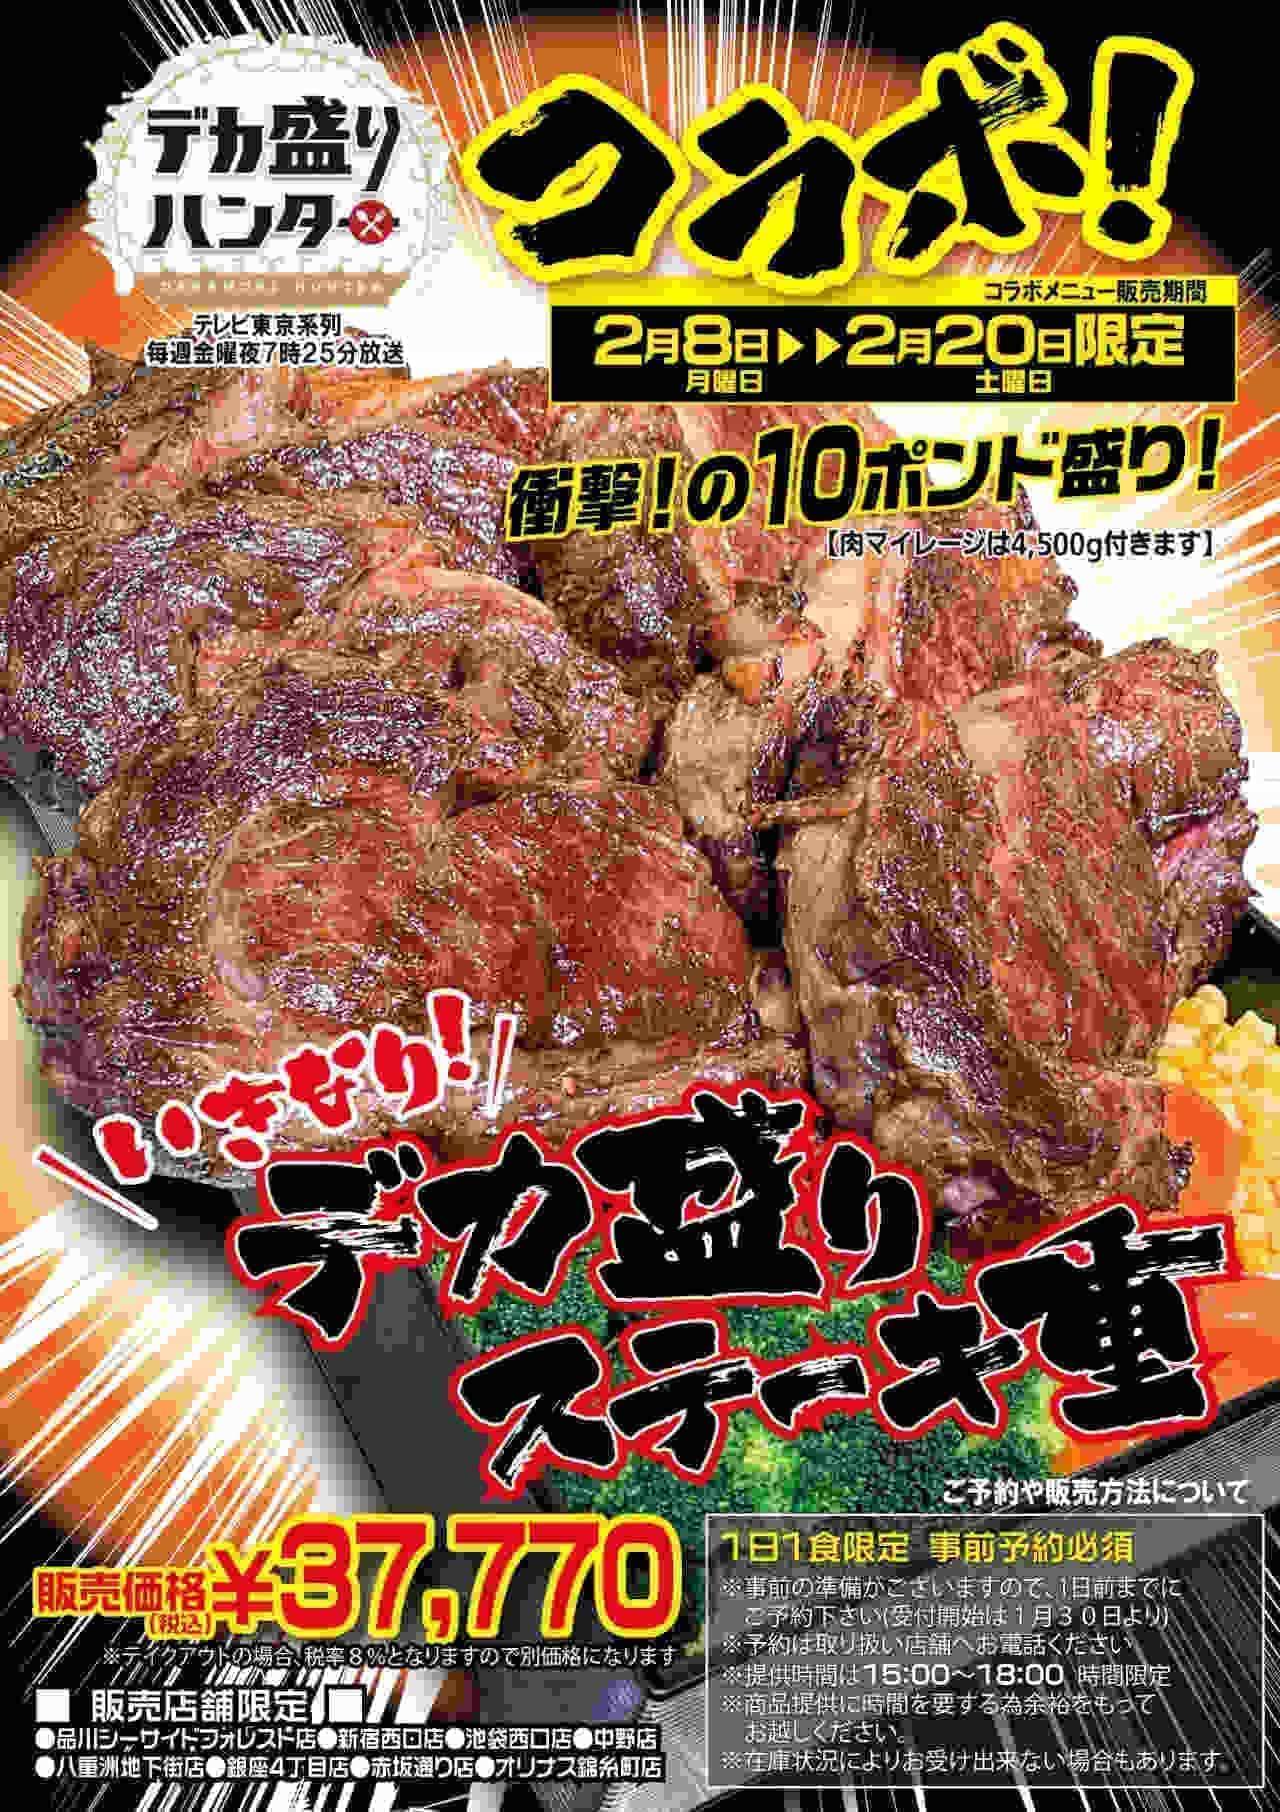 いきなり!ステーキに期間限定メニュー「いきなり!デカ盛りステーキ重」